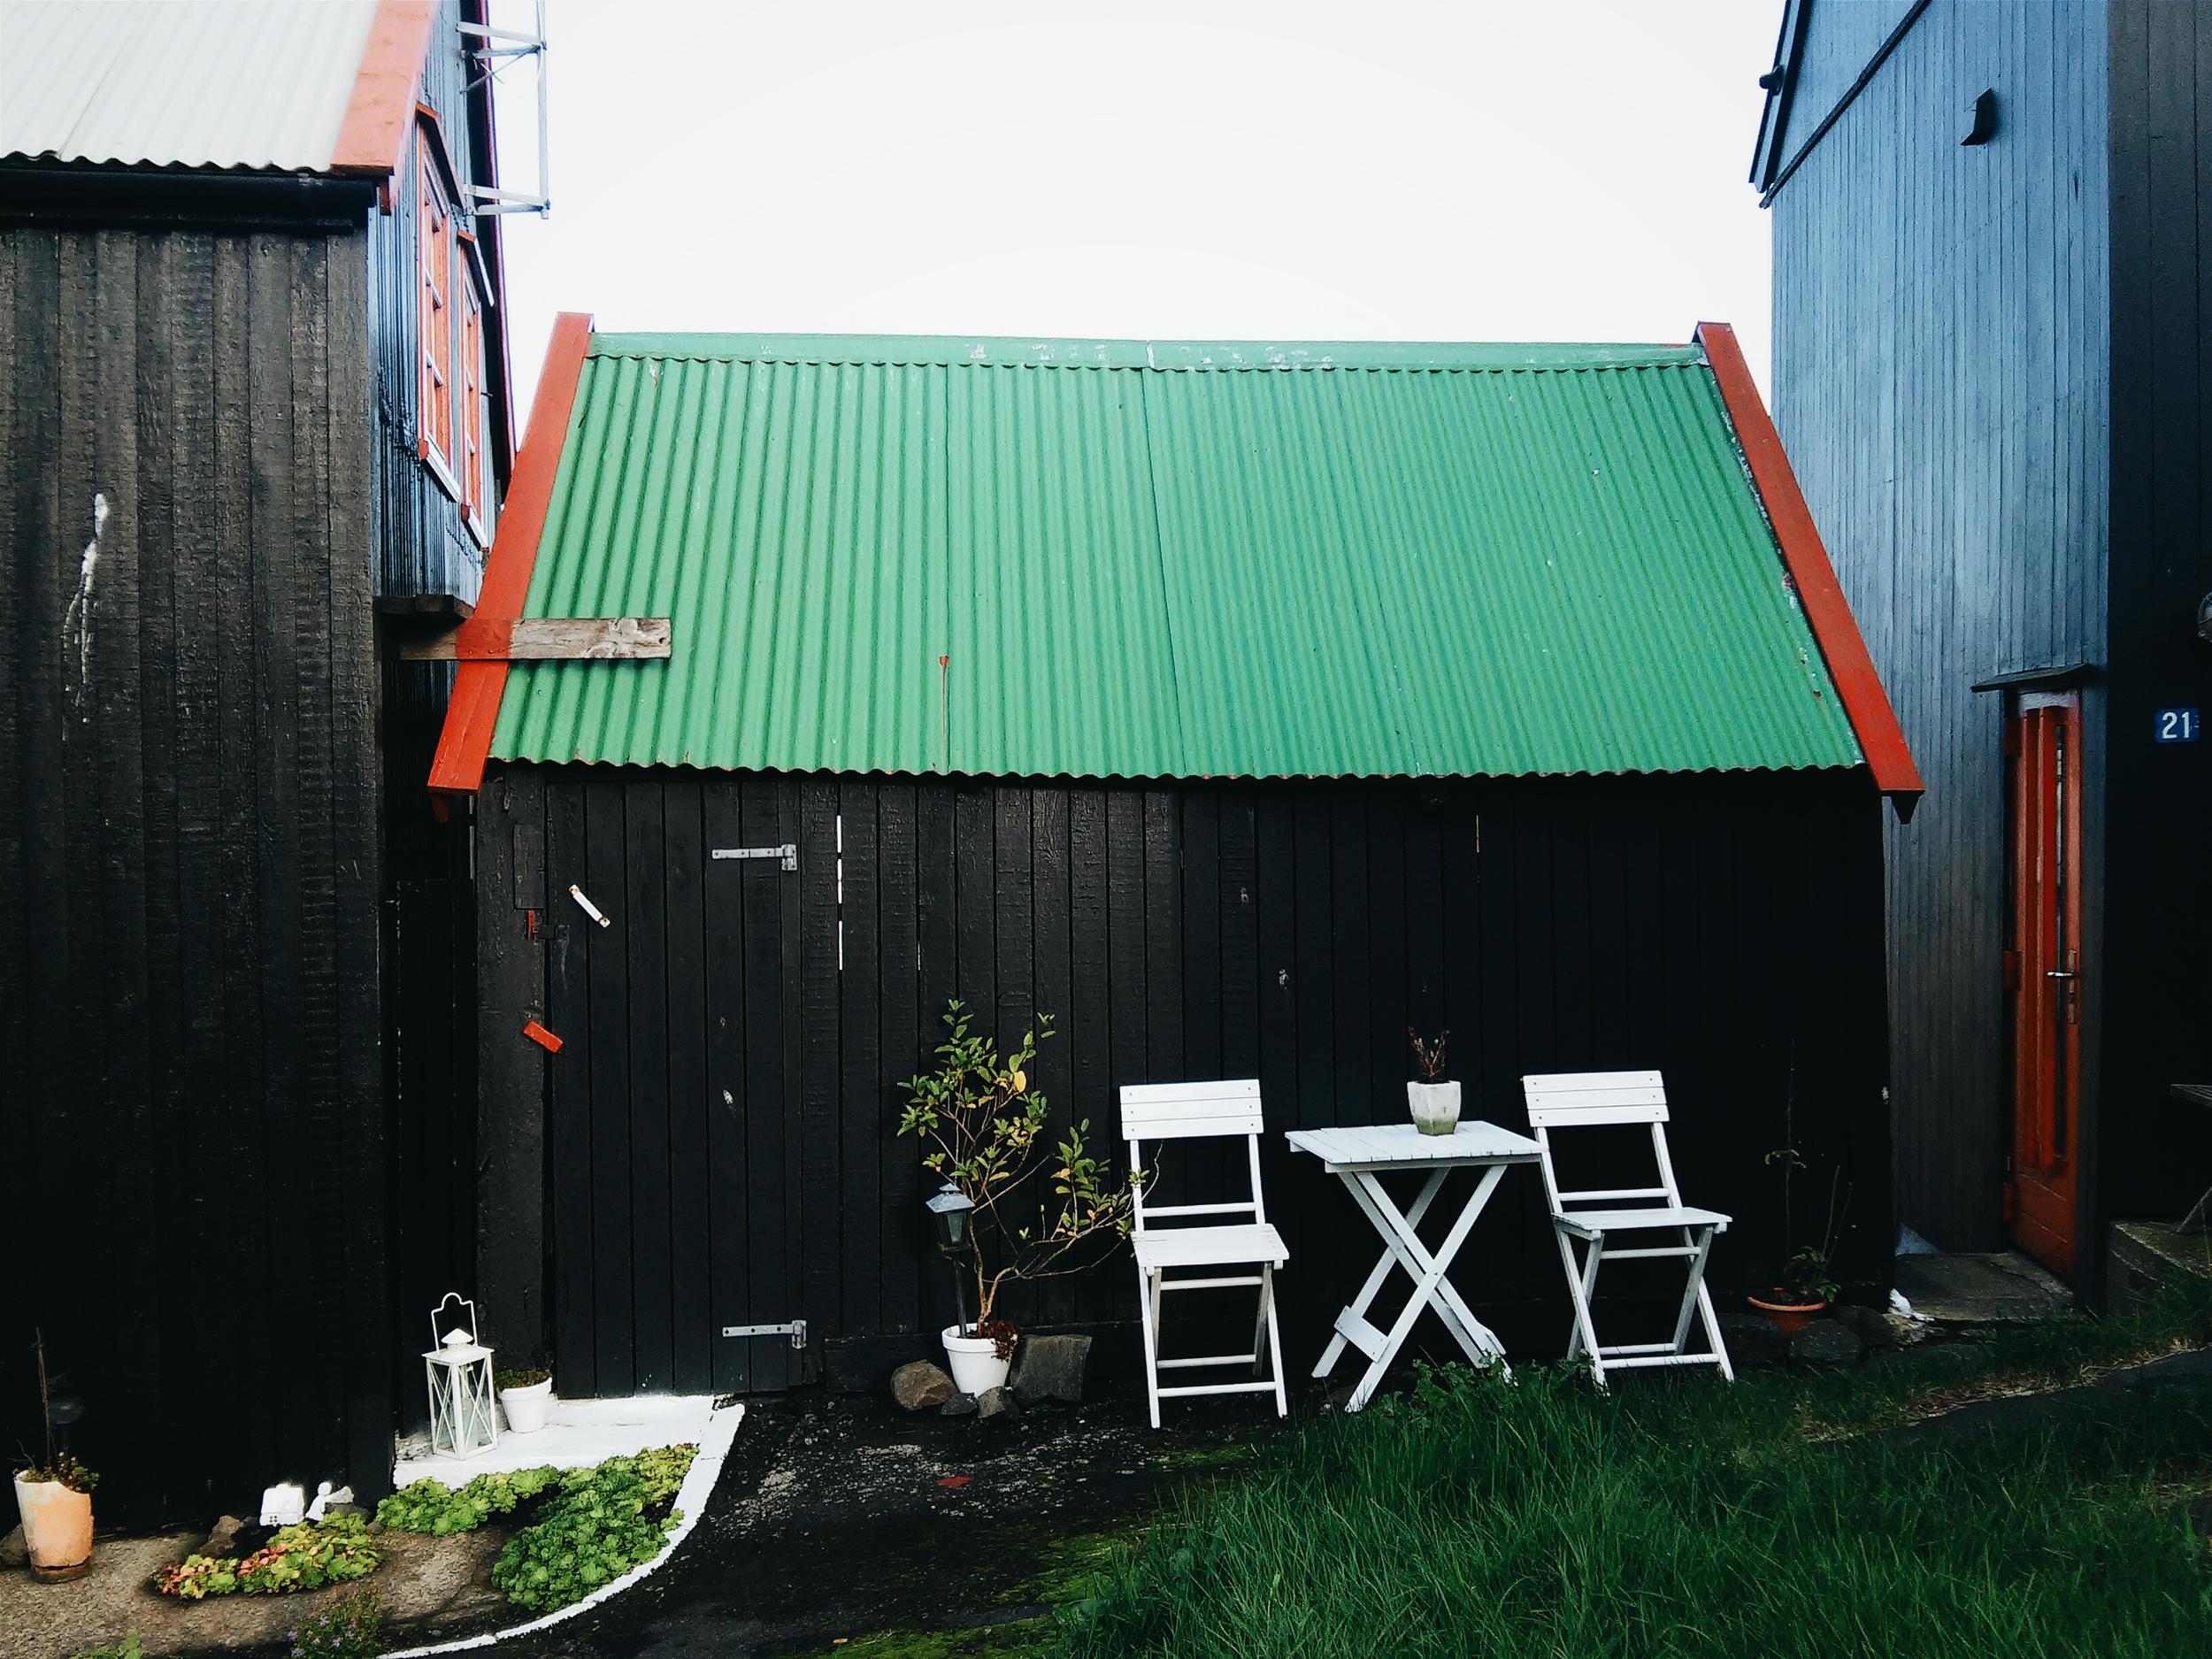 Τυπικό παράδειγμα φεροέζικου σπιτιού